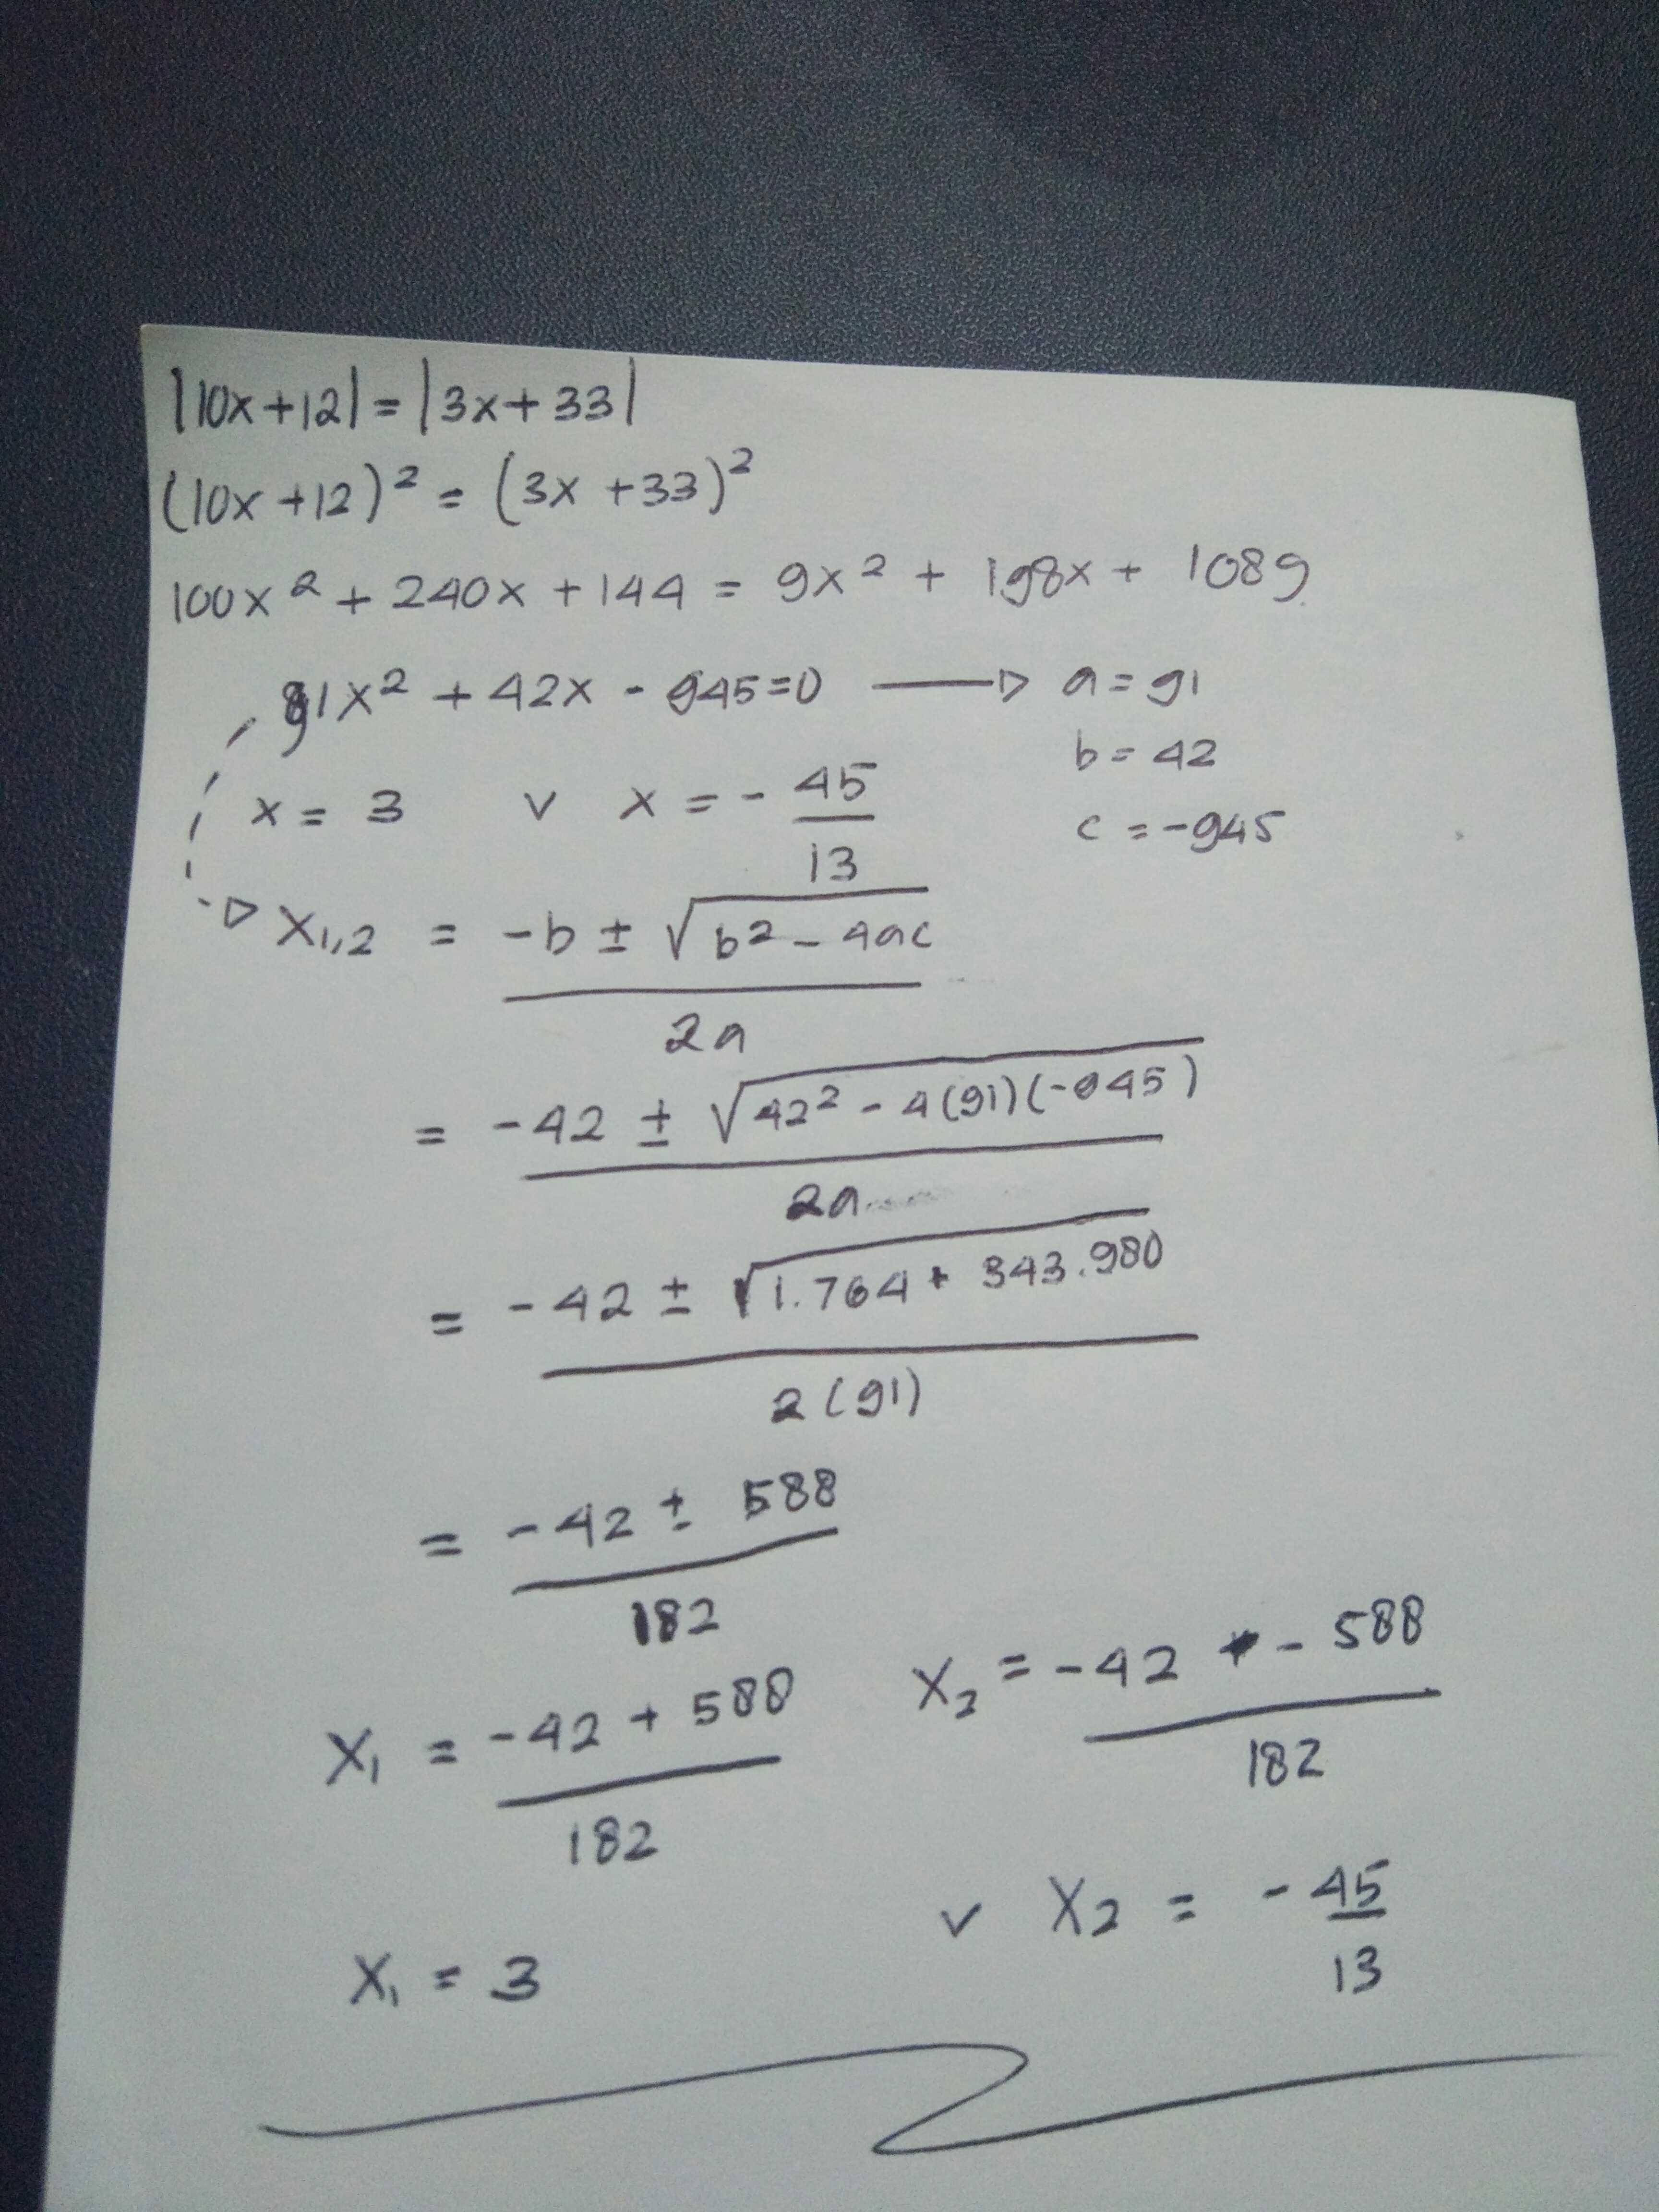 Coy Jawaban Dari Ini Apa Tentukan Nilai X Dari Nilai Mutlak 10x 12 Nilai Mutlak Nilai Mutlak Brainly Co Id